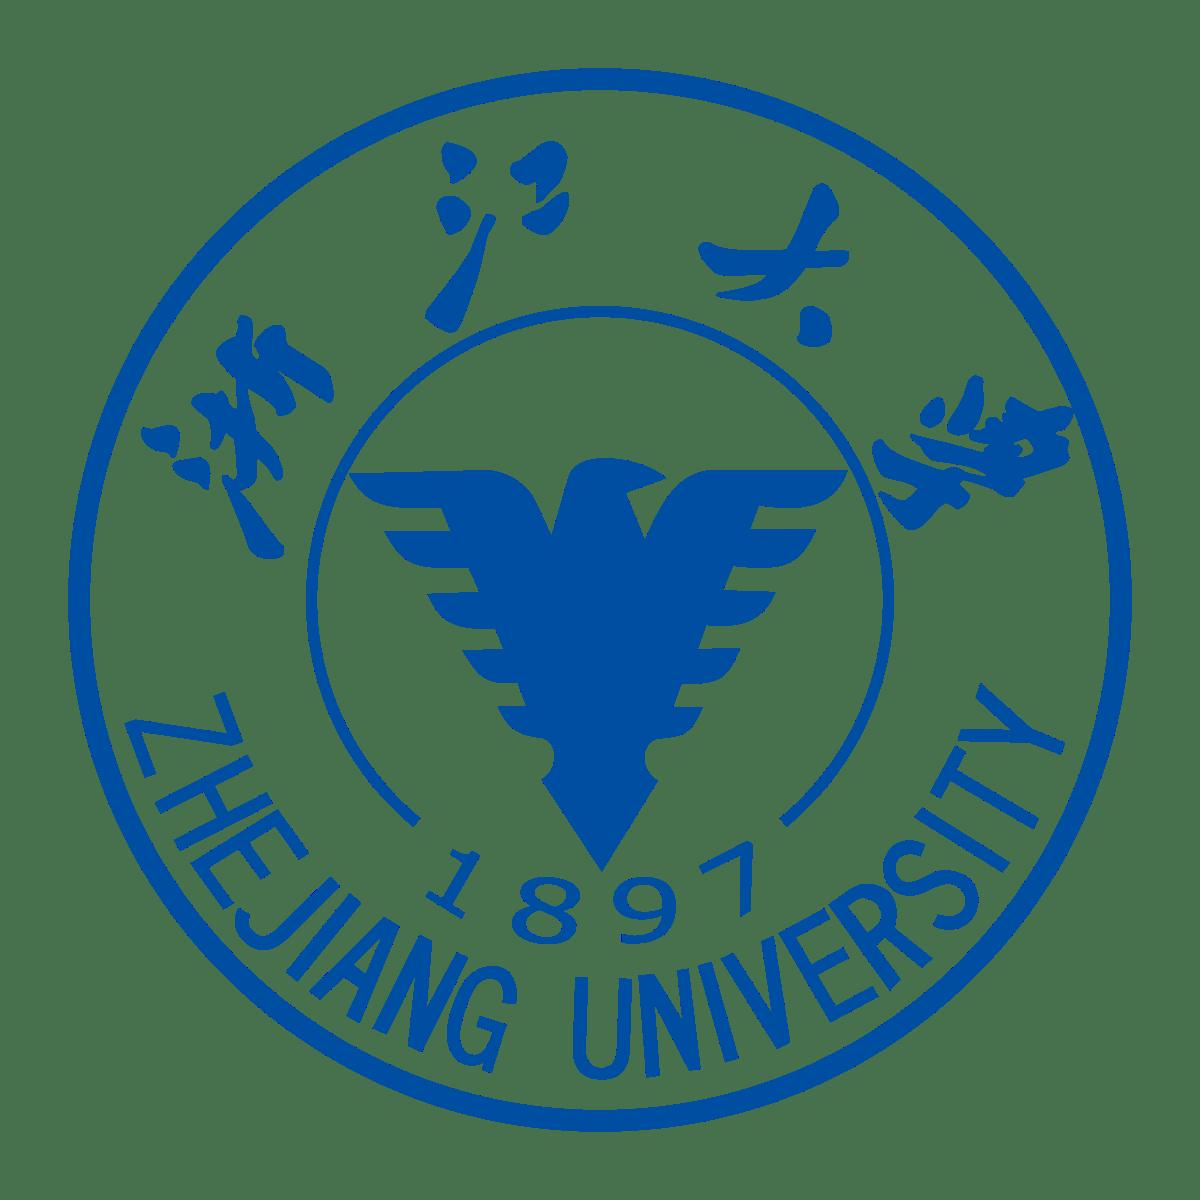 لوگو - دانشگاه ژجیانگ